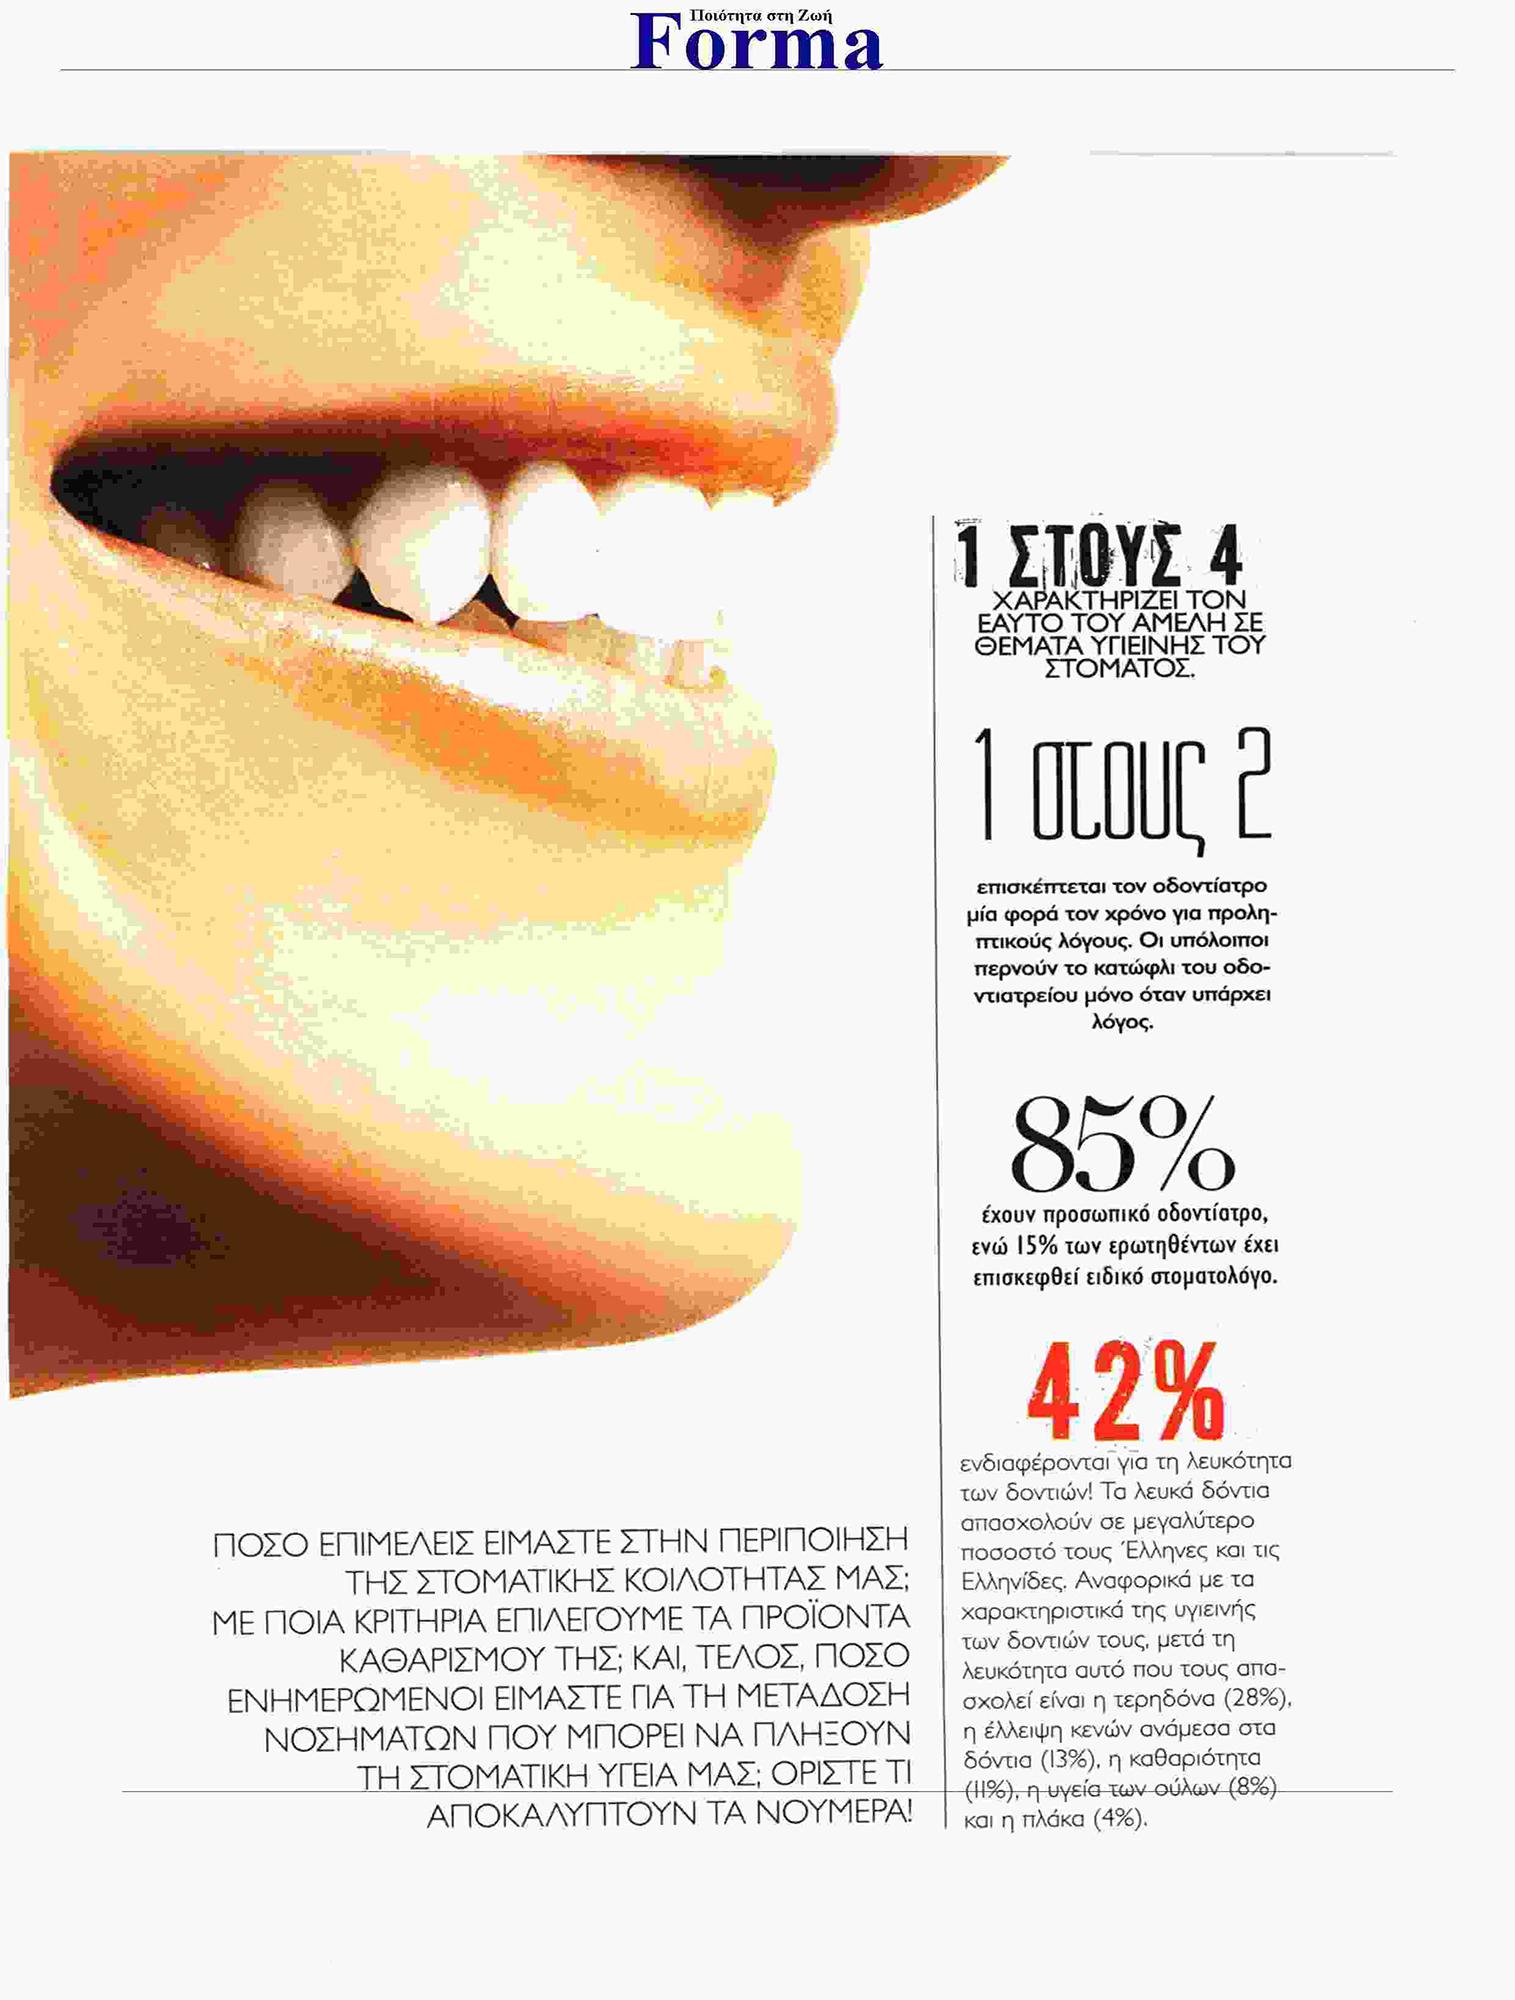 Η στοματική υγεία σε αριθμούς